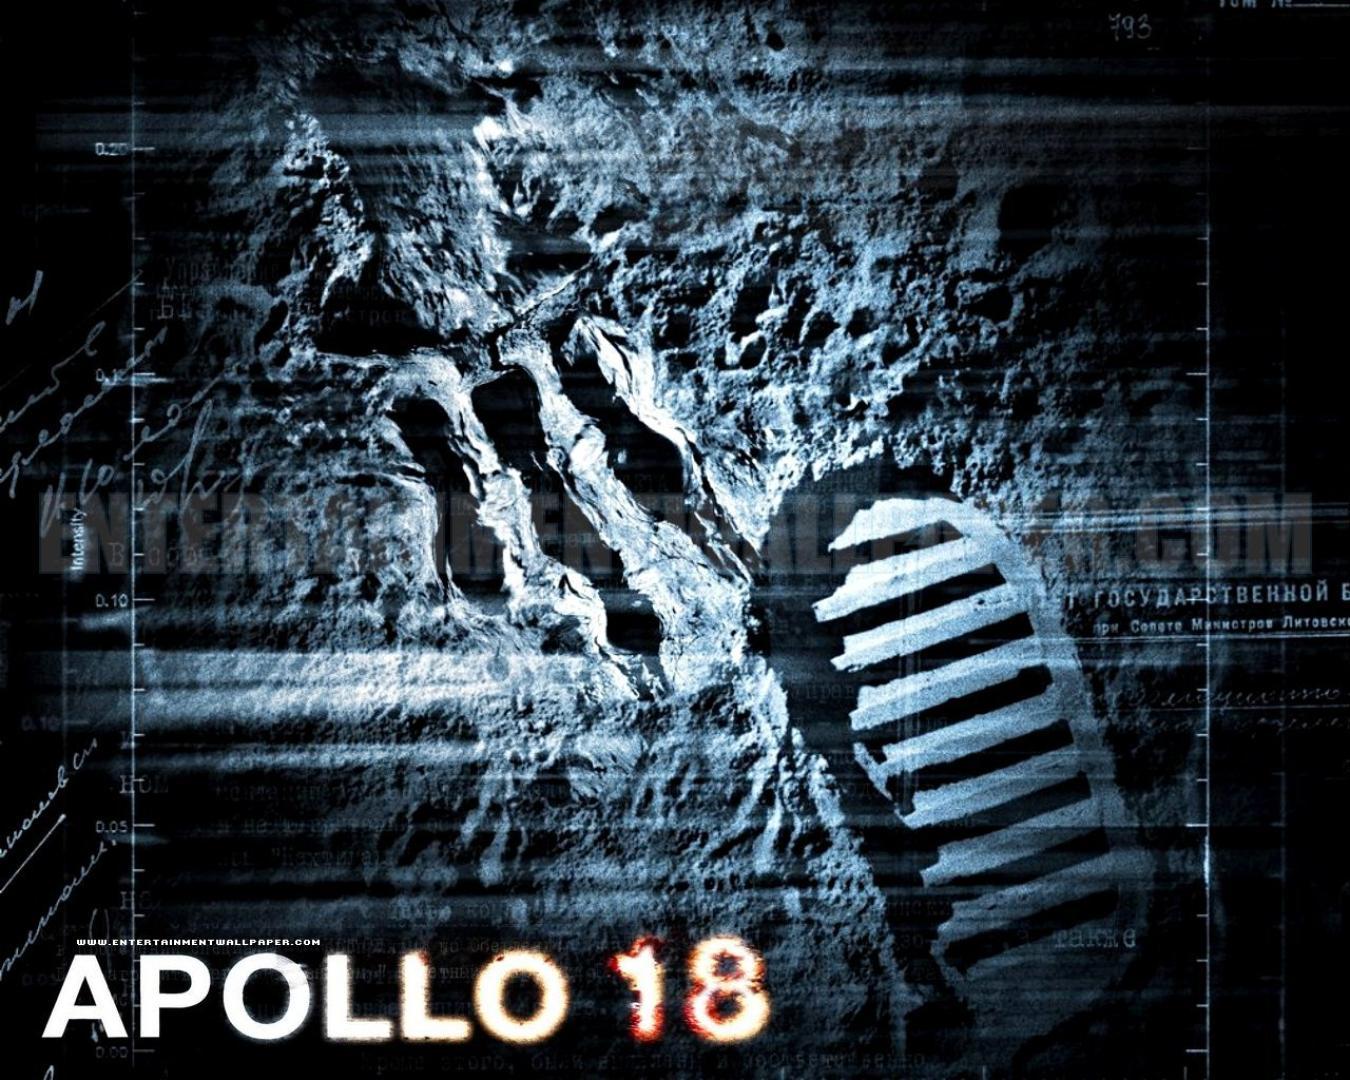 Apollo-18 (2011) és az Apollo-összeesküvés-elmélet